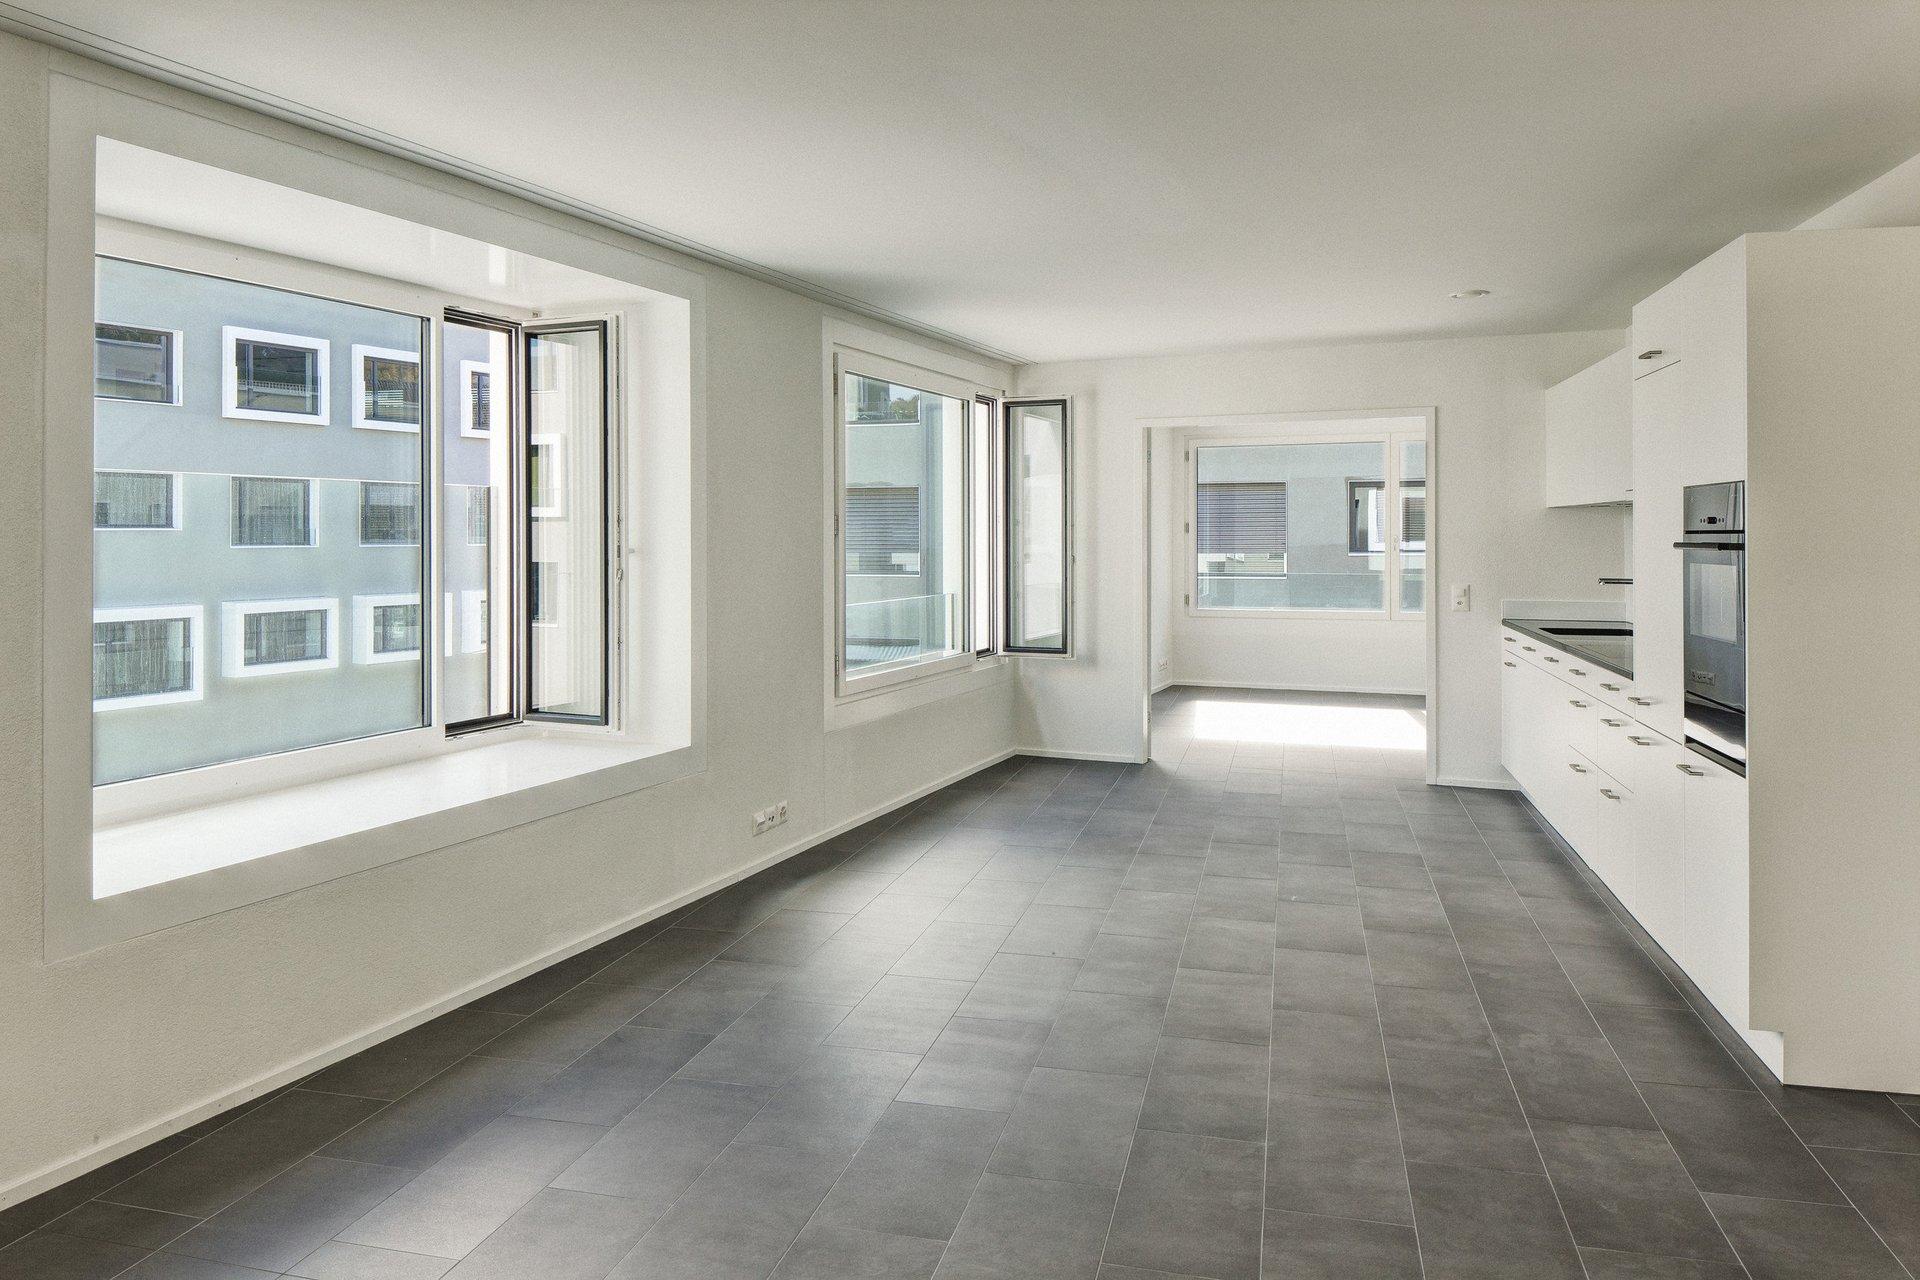 Lichtdurchflutete Küche durch grosse Einflügelfensterelemente